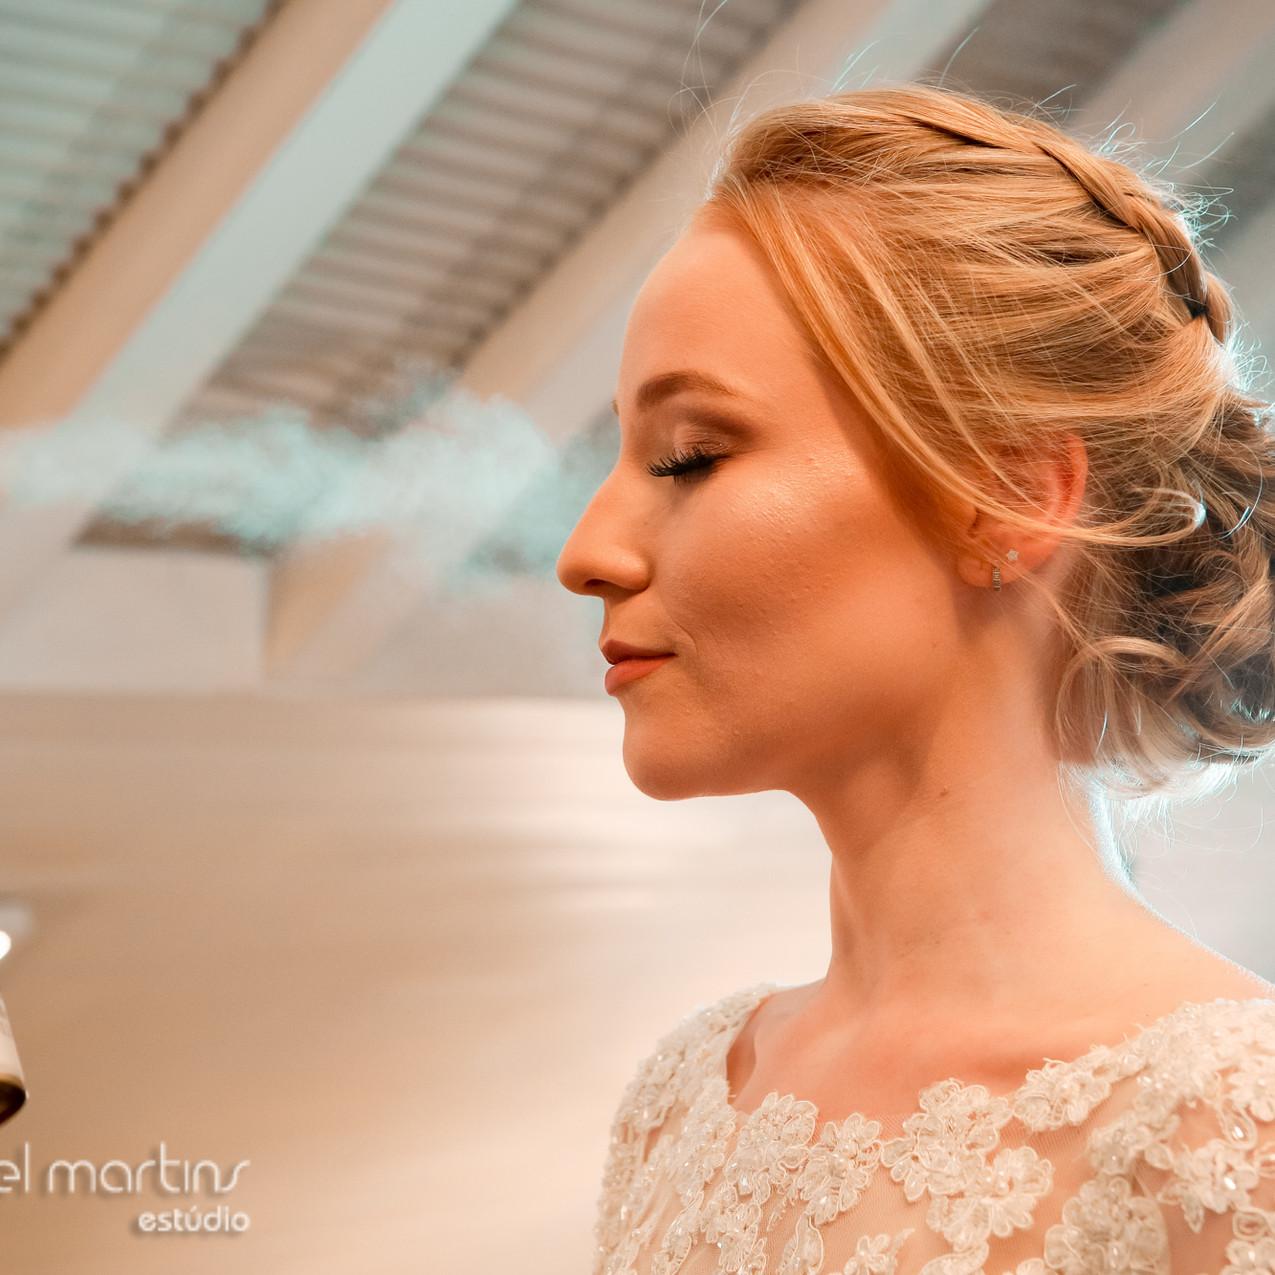 BeR-0109-fotografo-casamento-wedding-gotadagua-rustico-brunaeraul-boho-diy-portoalegre-daniel-martins